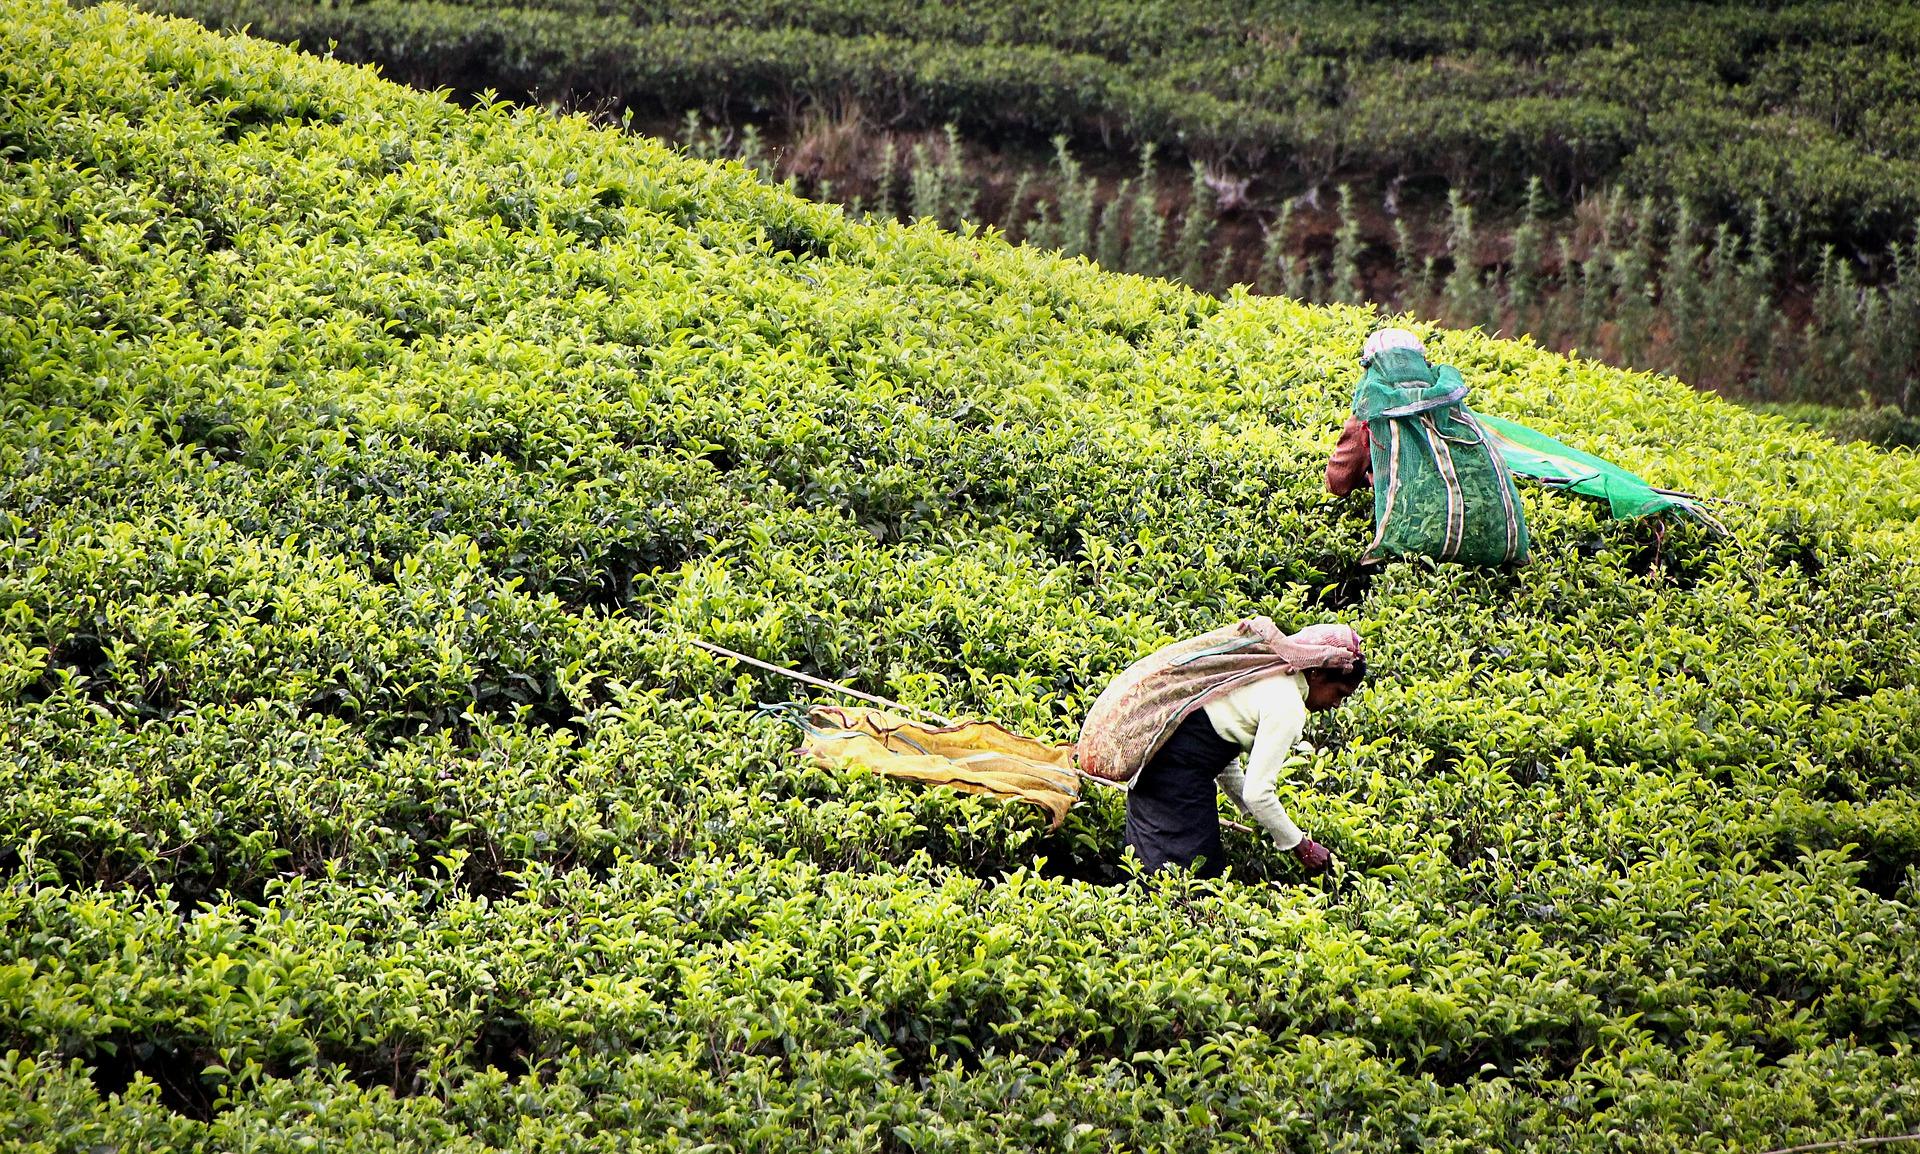 tea-harvest-2132767_1920.jpg